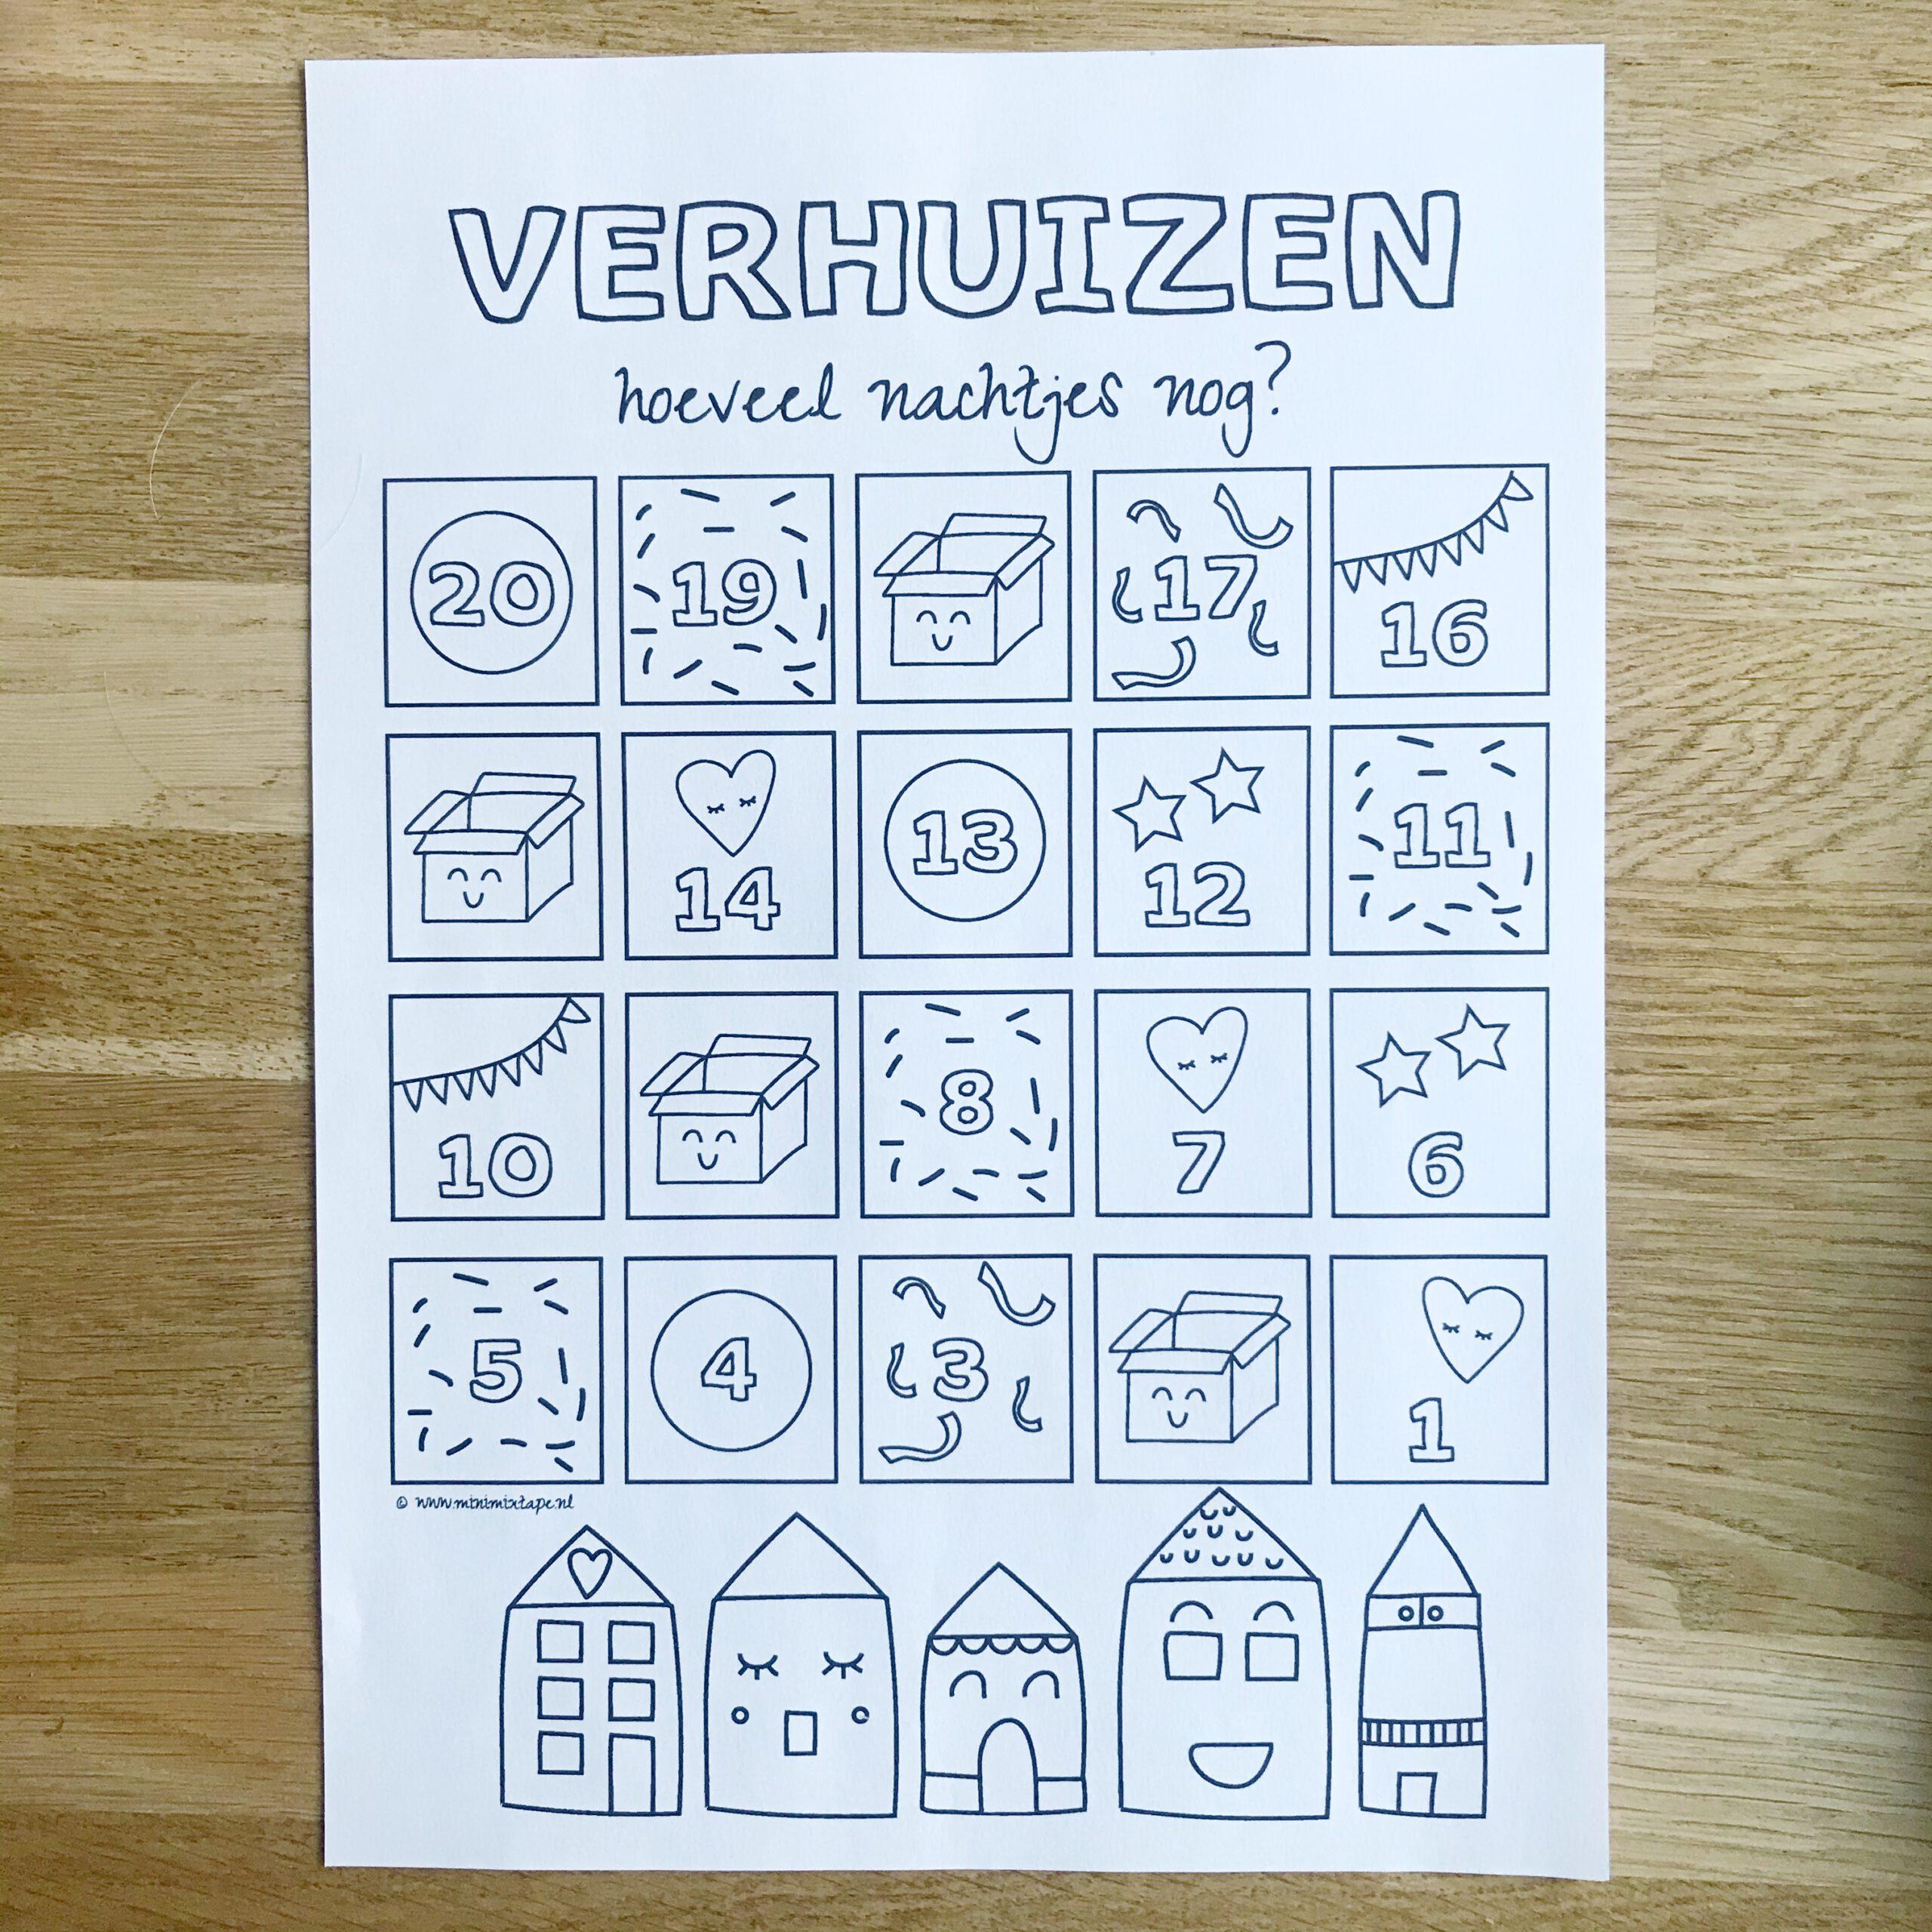 verhuizen met kinderen aftelkalender